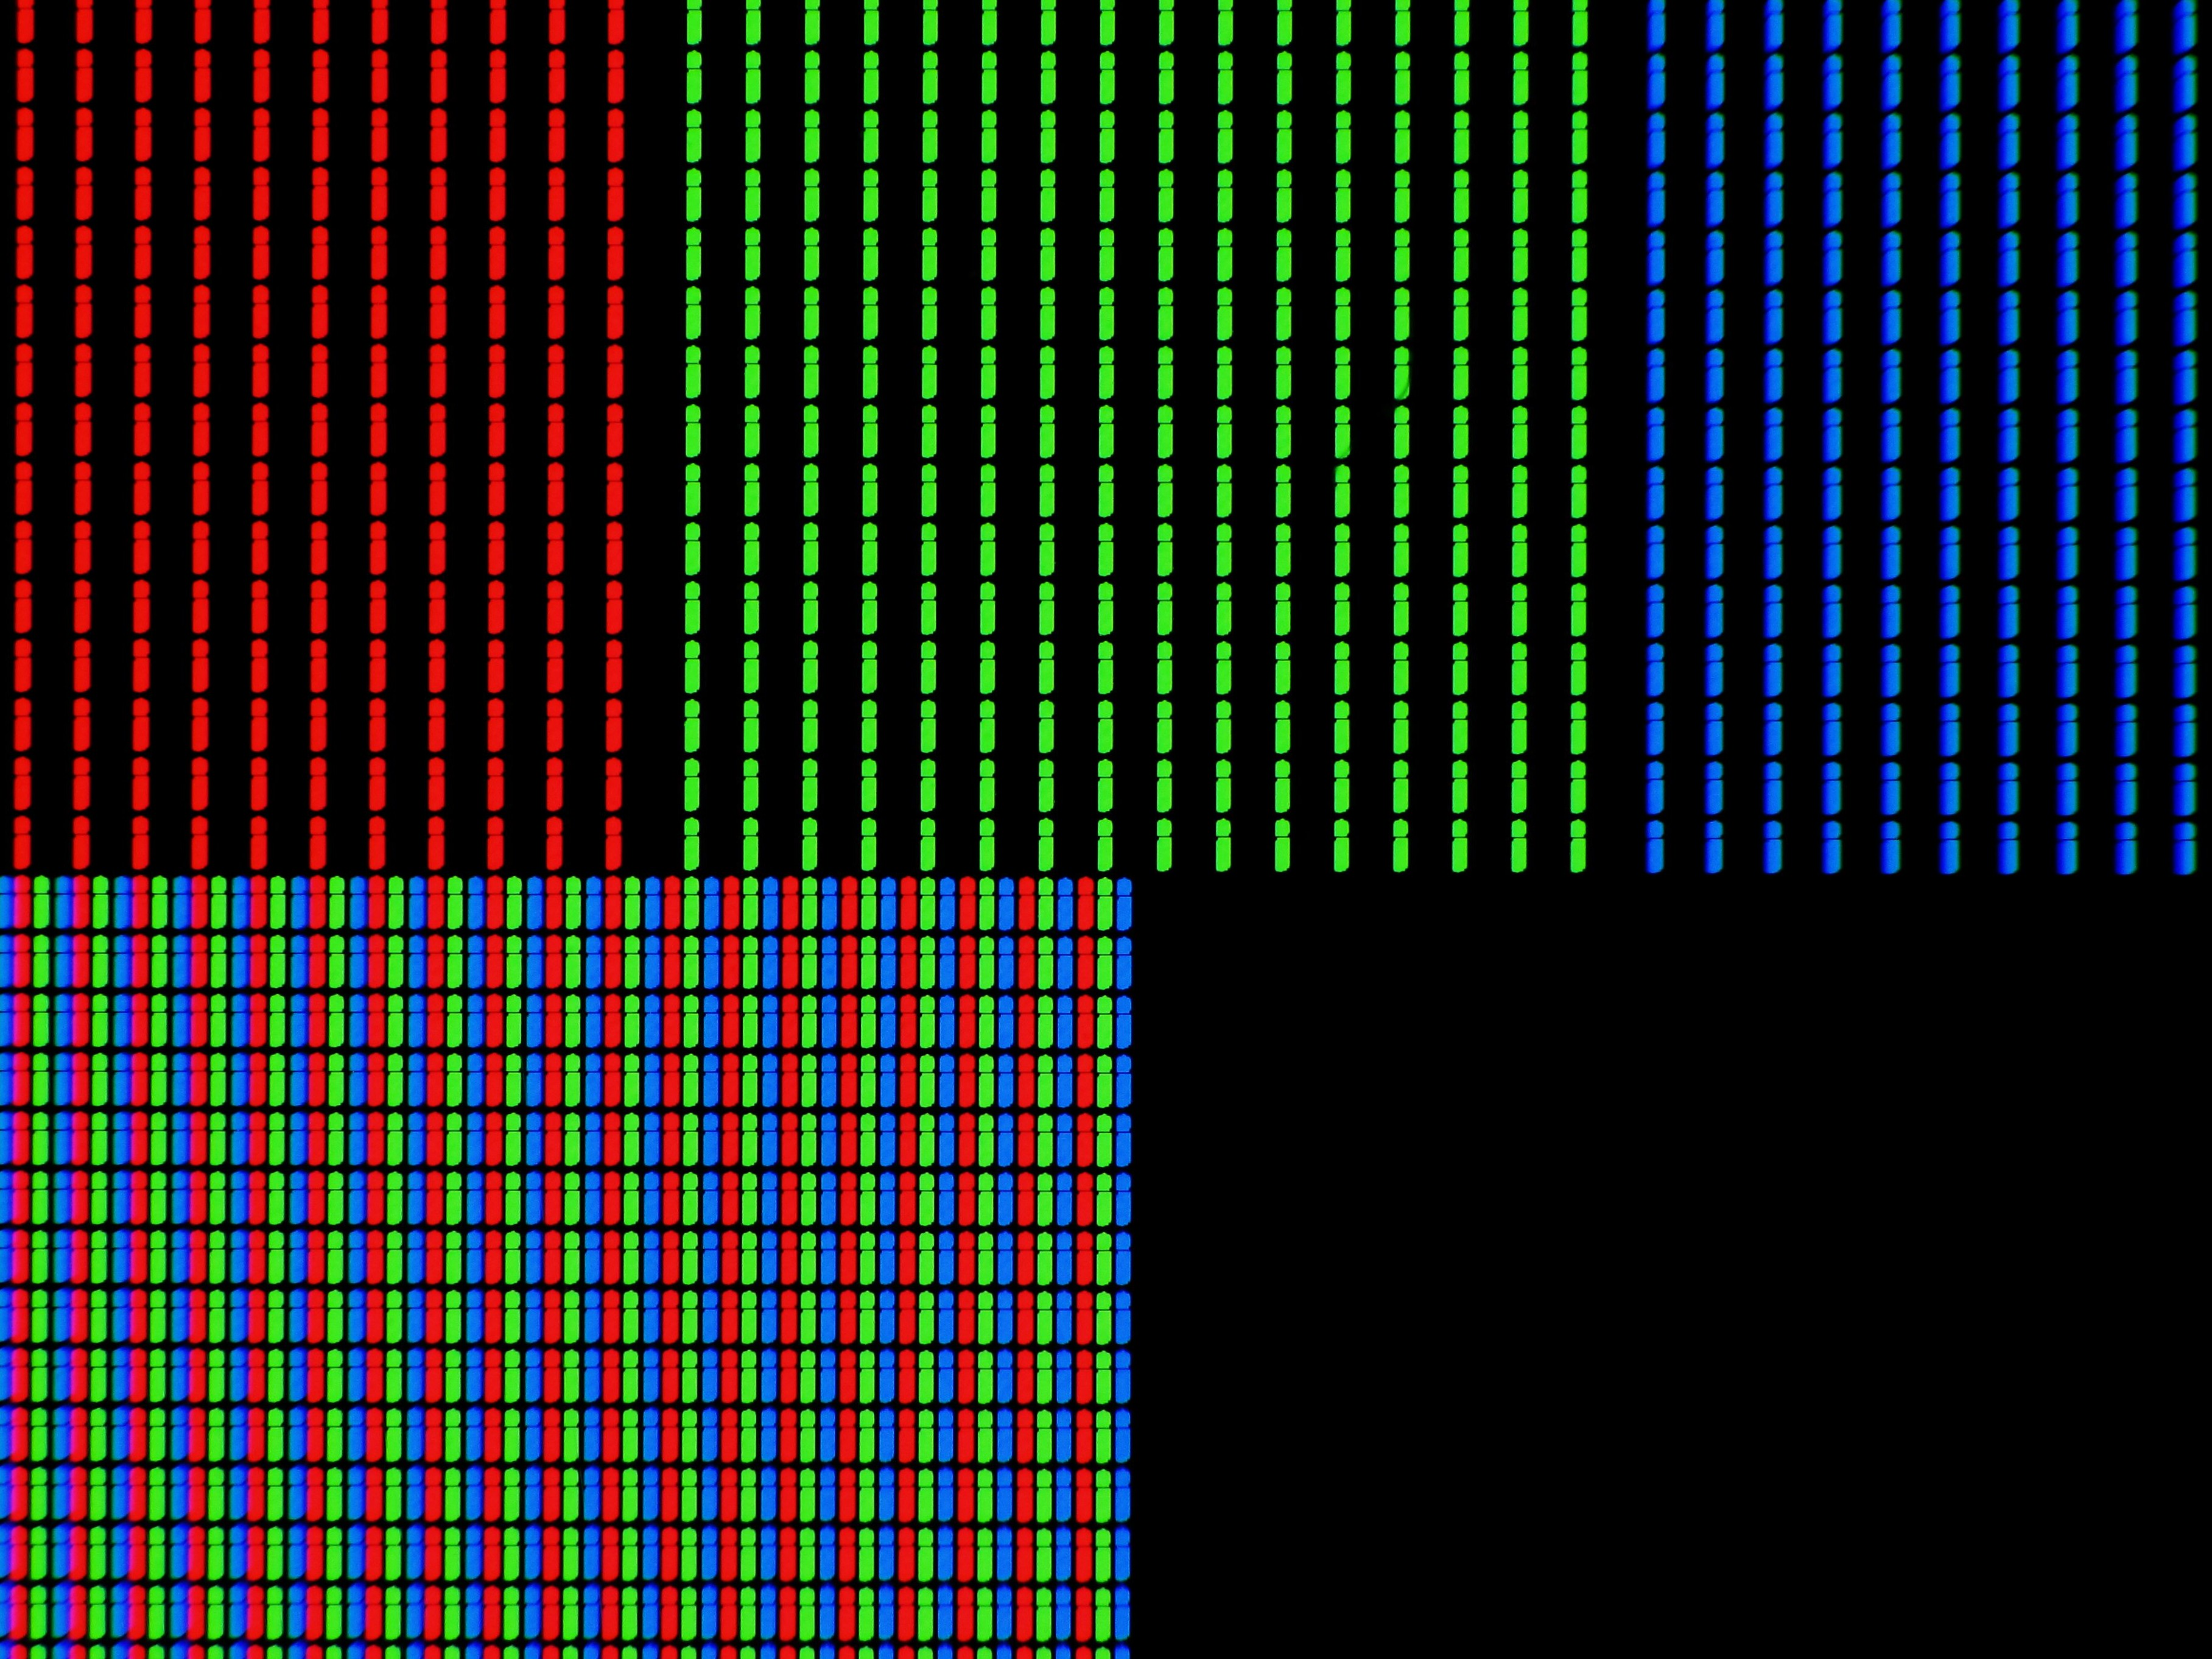 powiększenie pikseli na wyświetlaczu LCD